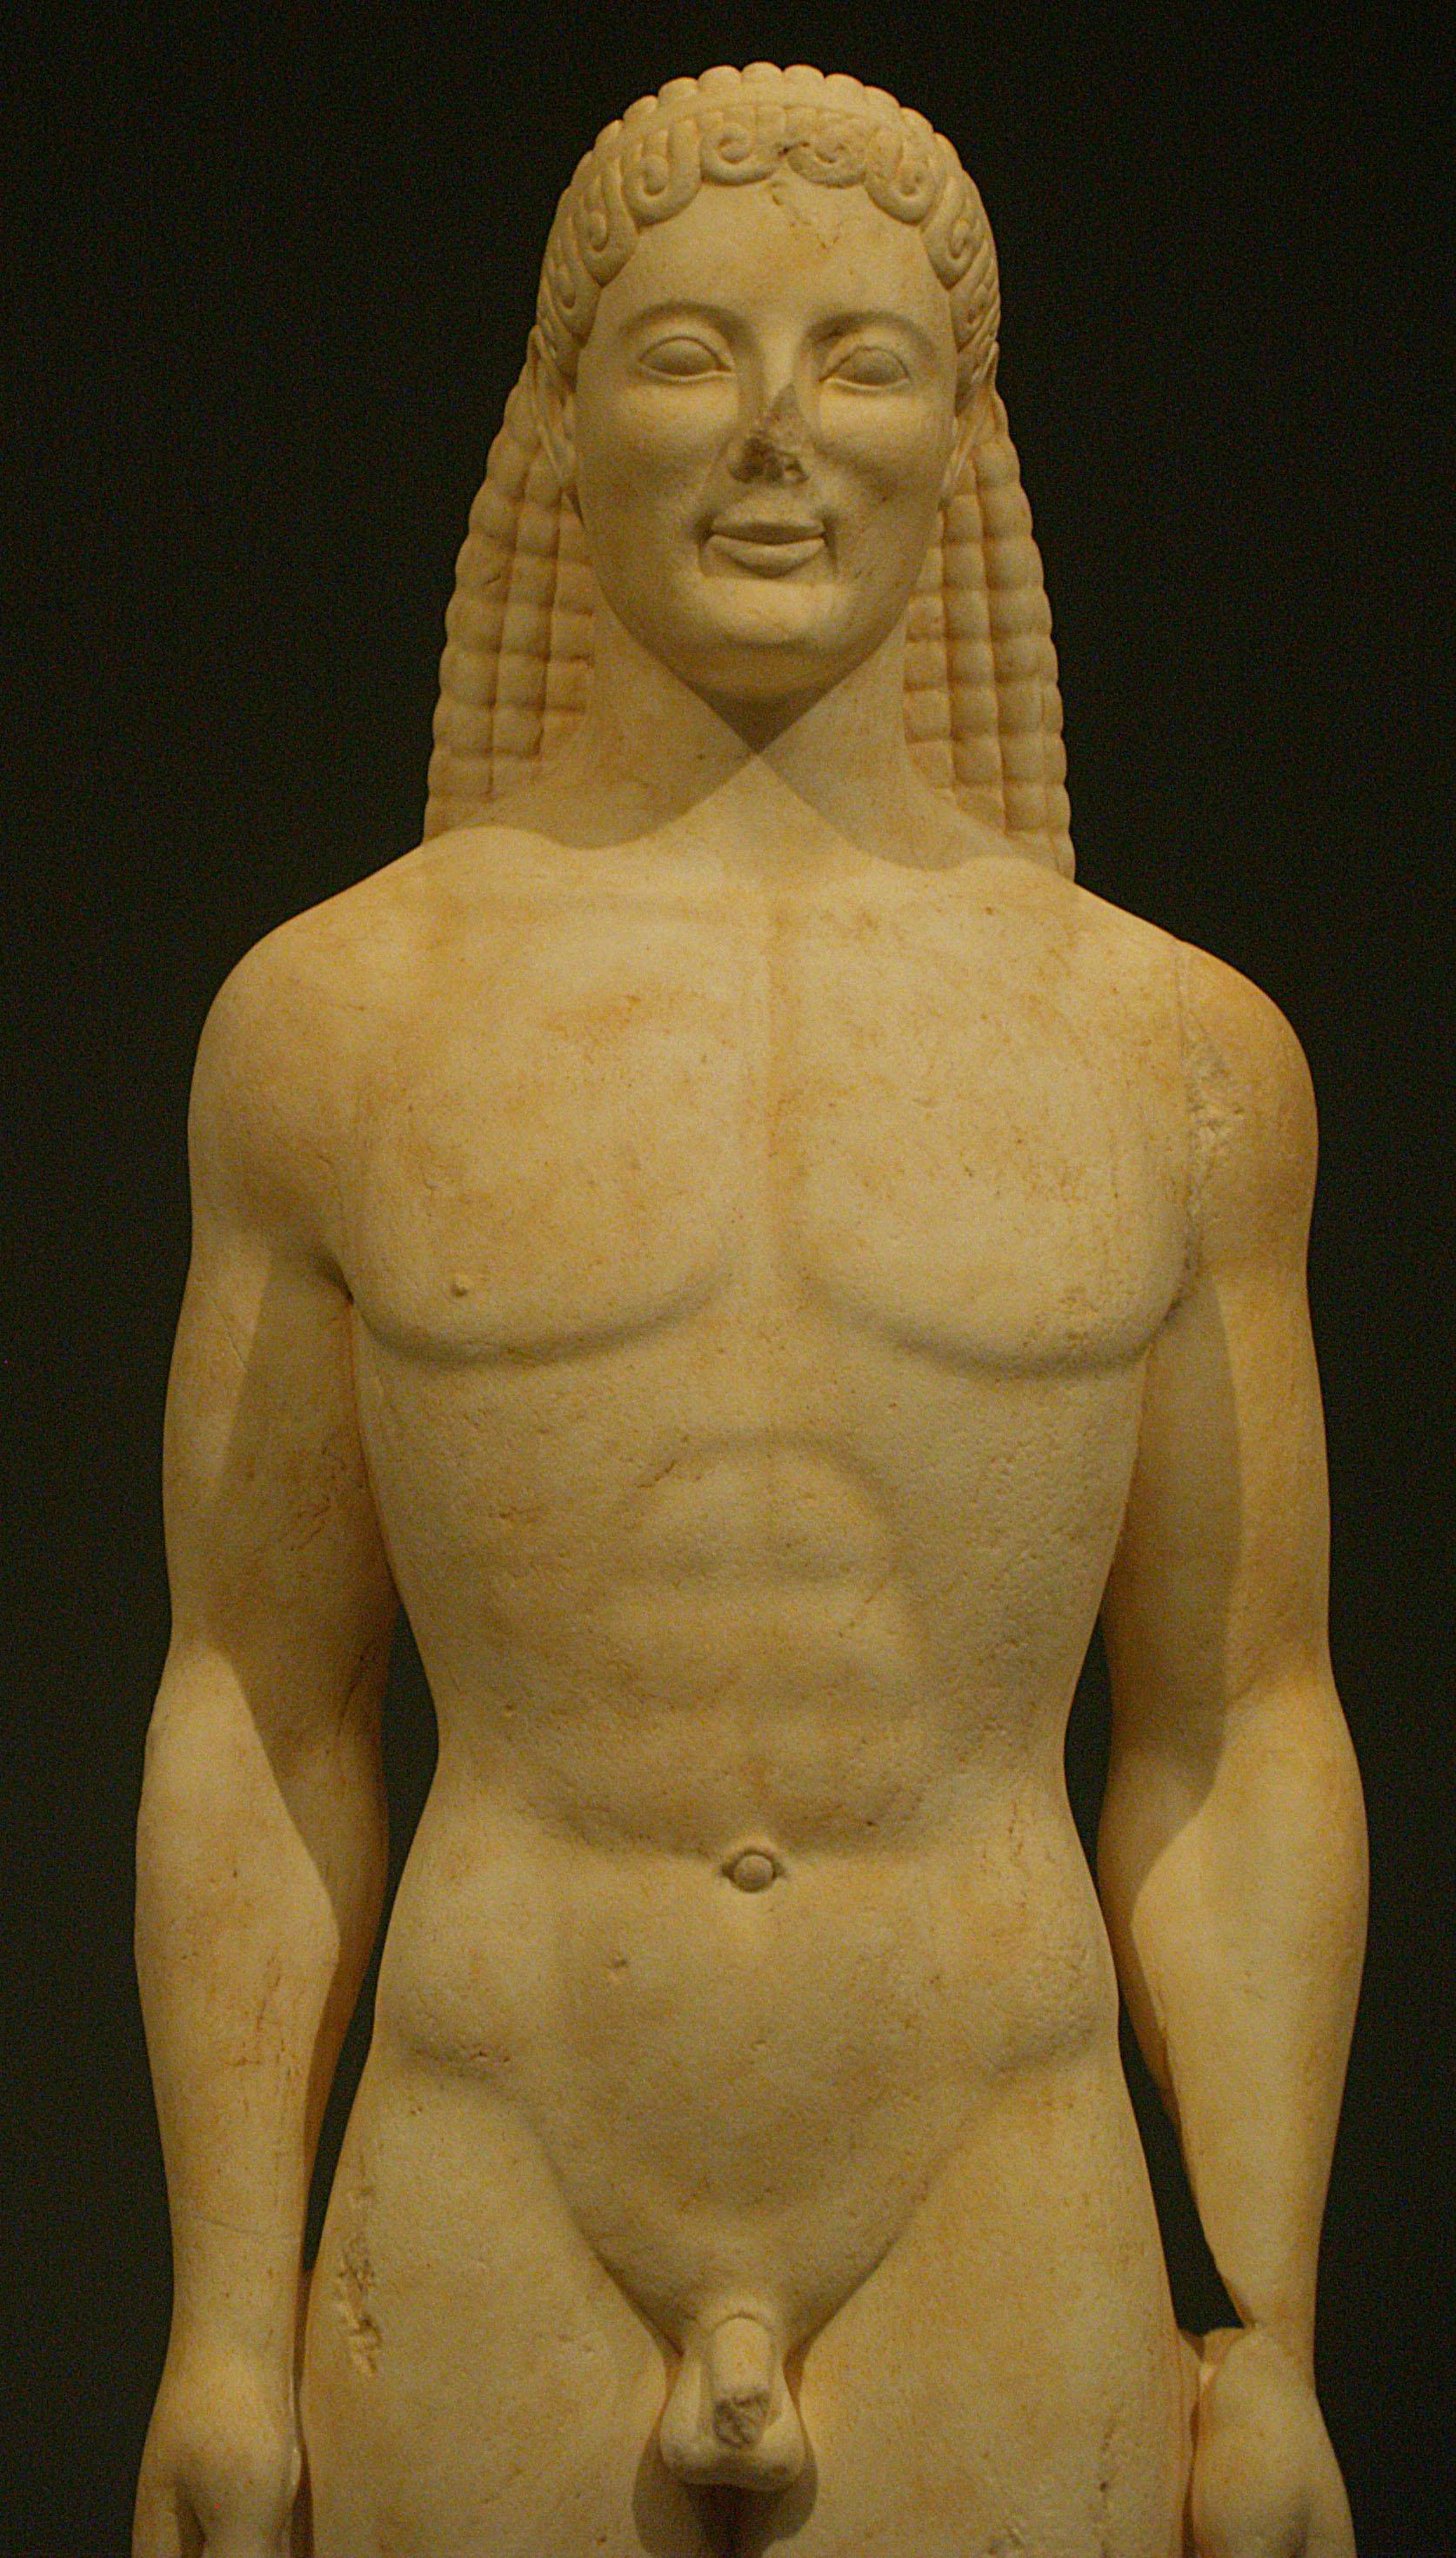 Figura 4. Kouros, mármore (século VI a.C.)